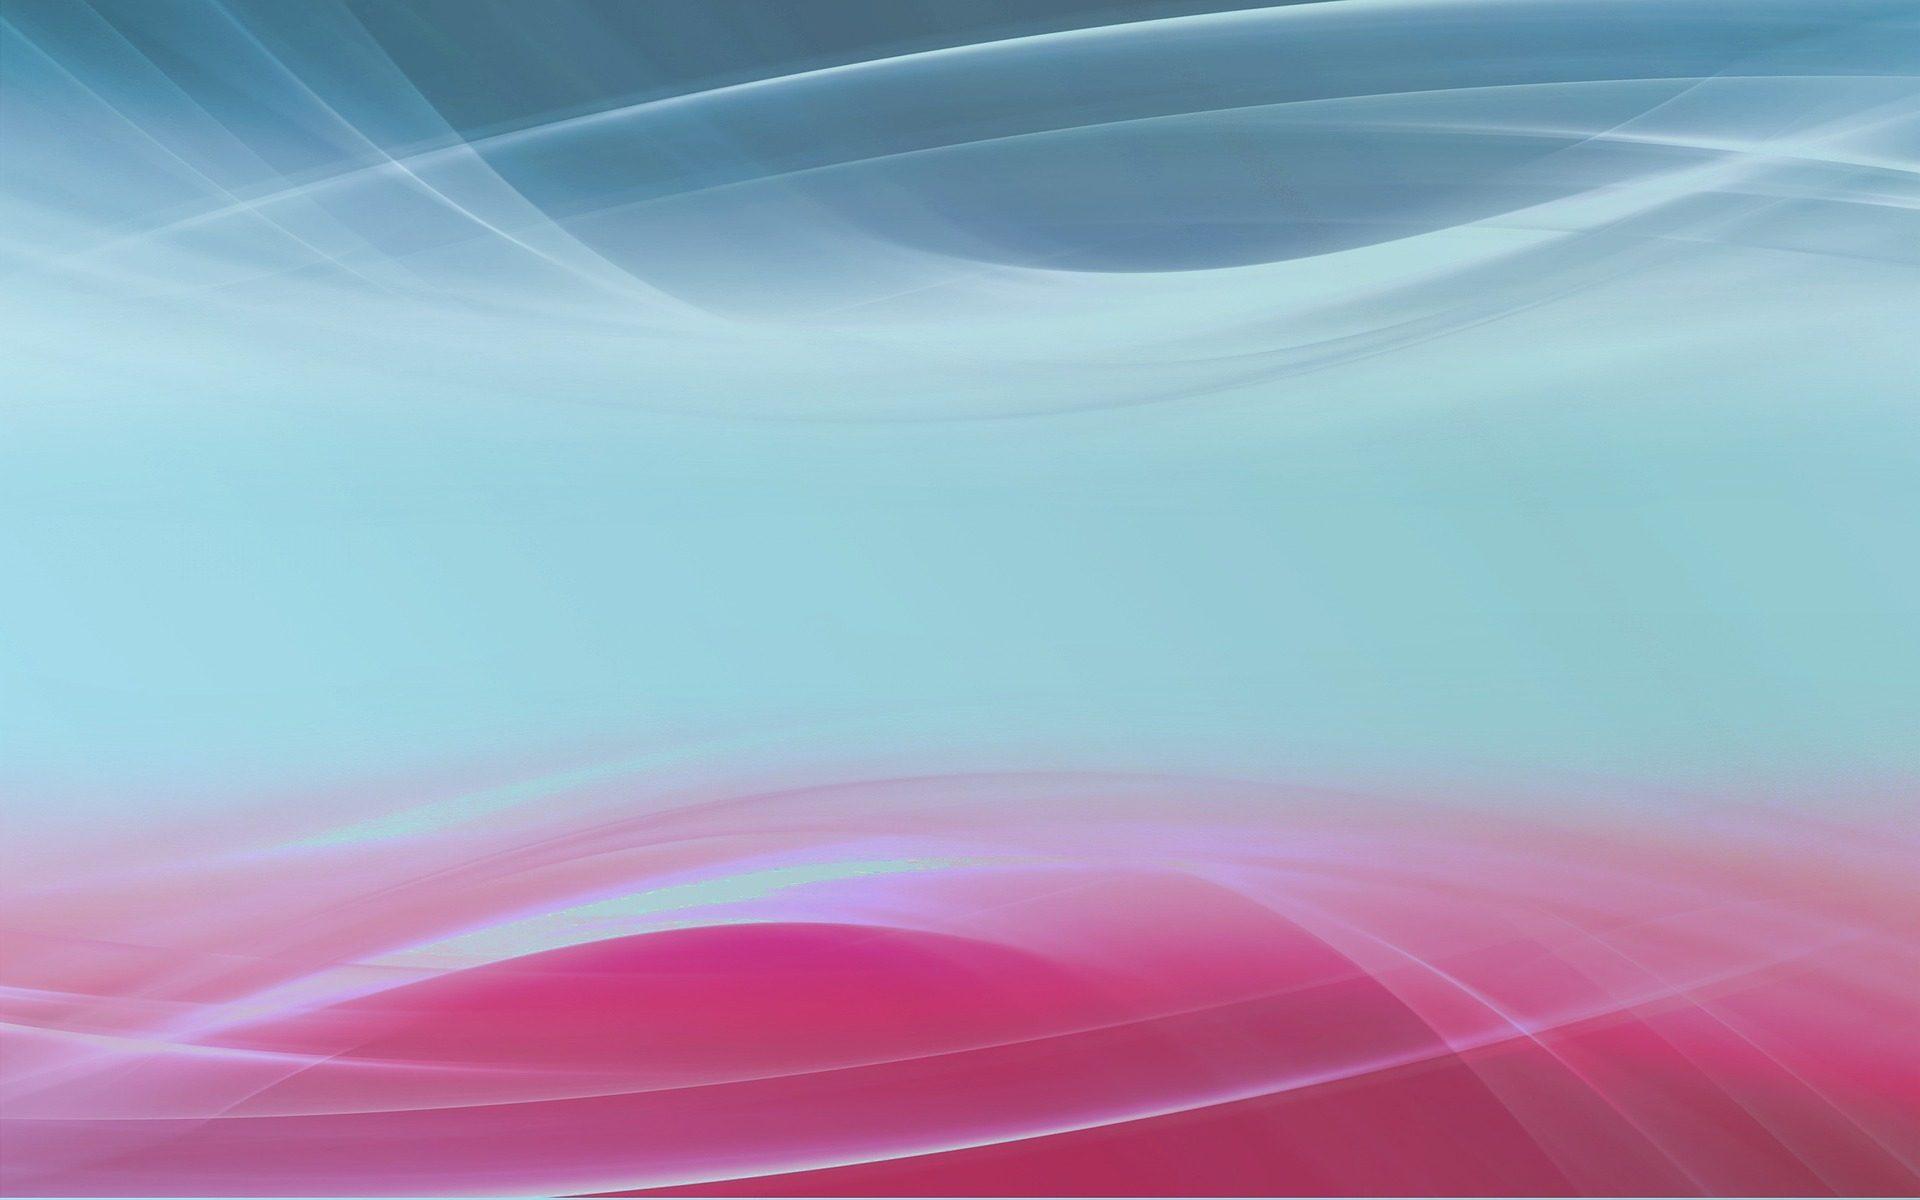 Μορφές, γραμμές, φωτοστέφανα, χρώματα, Rosa, γκρι - Wallpapers HD - Professor-falken.com